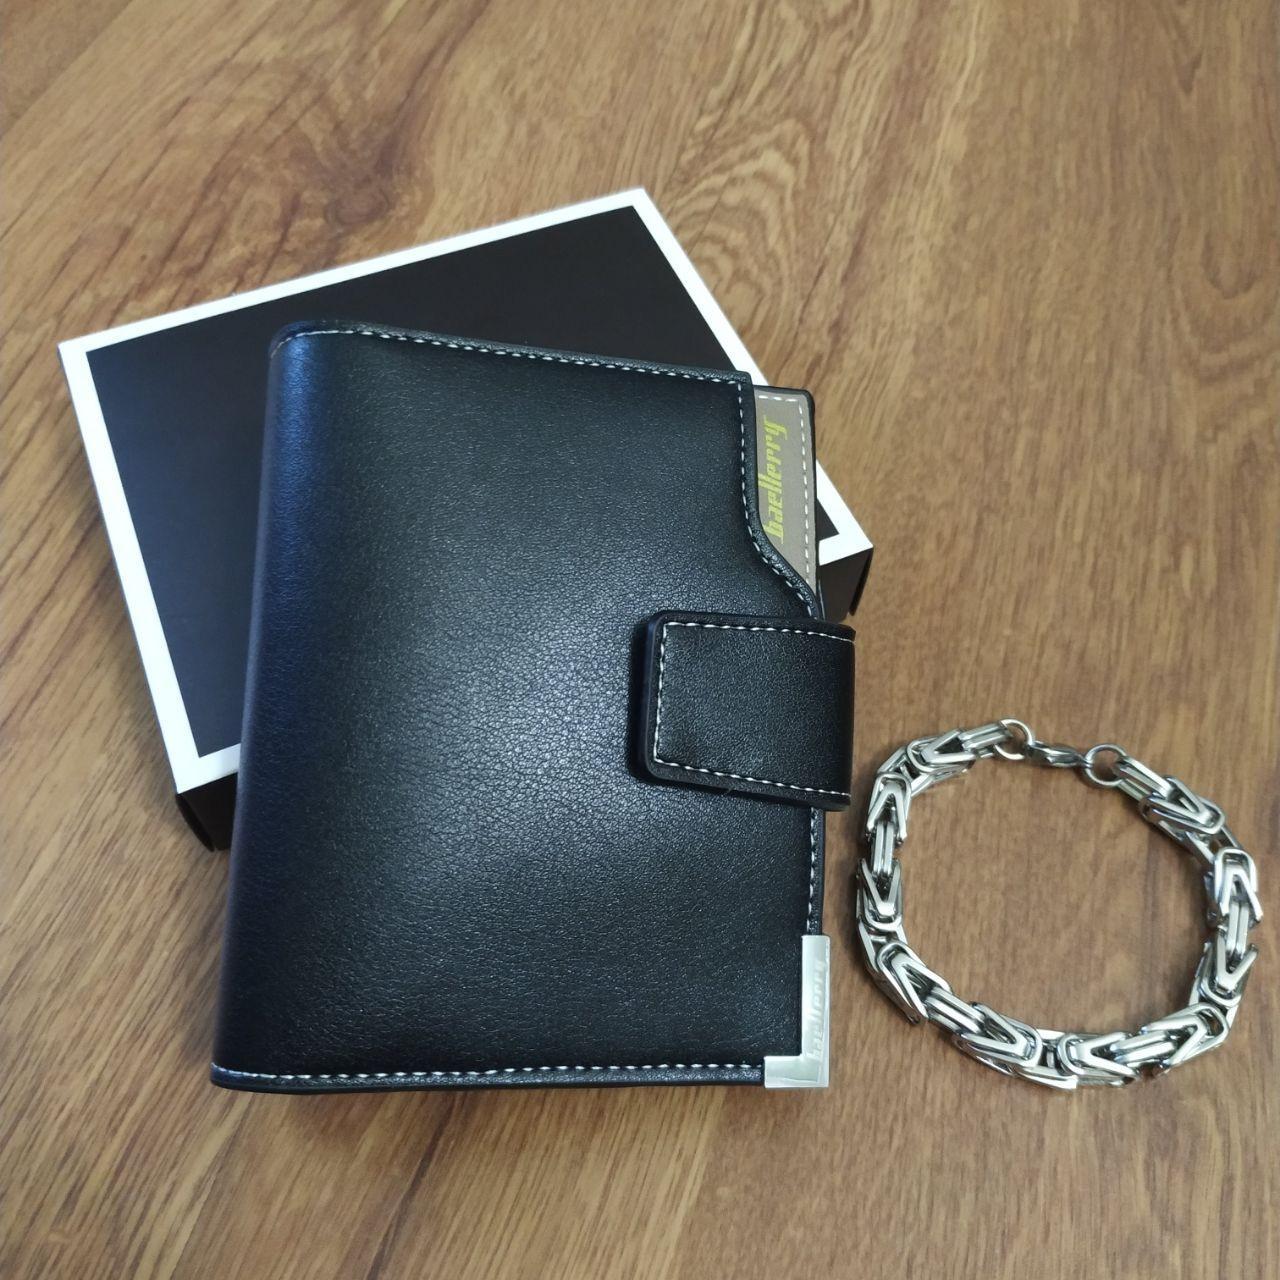 Подарочный набор №7. Мужской портмоне (кошелек) Baellerry Mini + мужской браслет Steel Rage